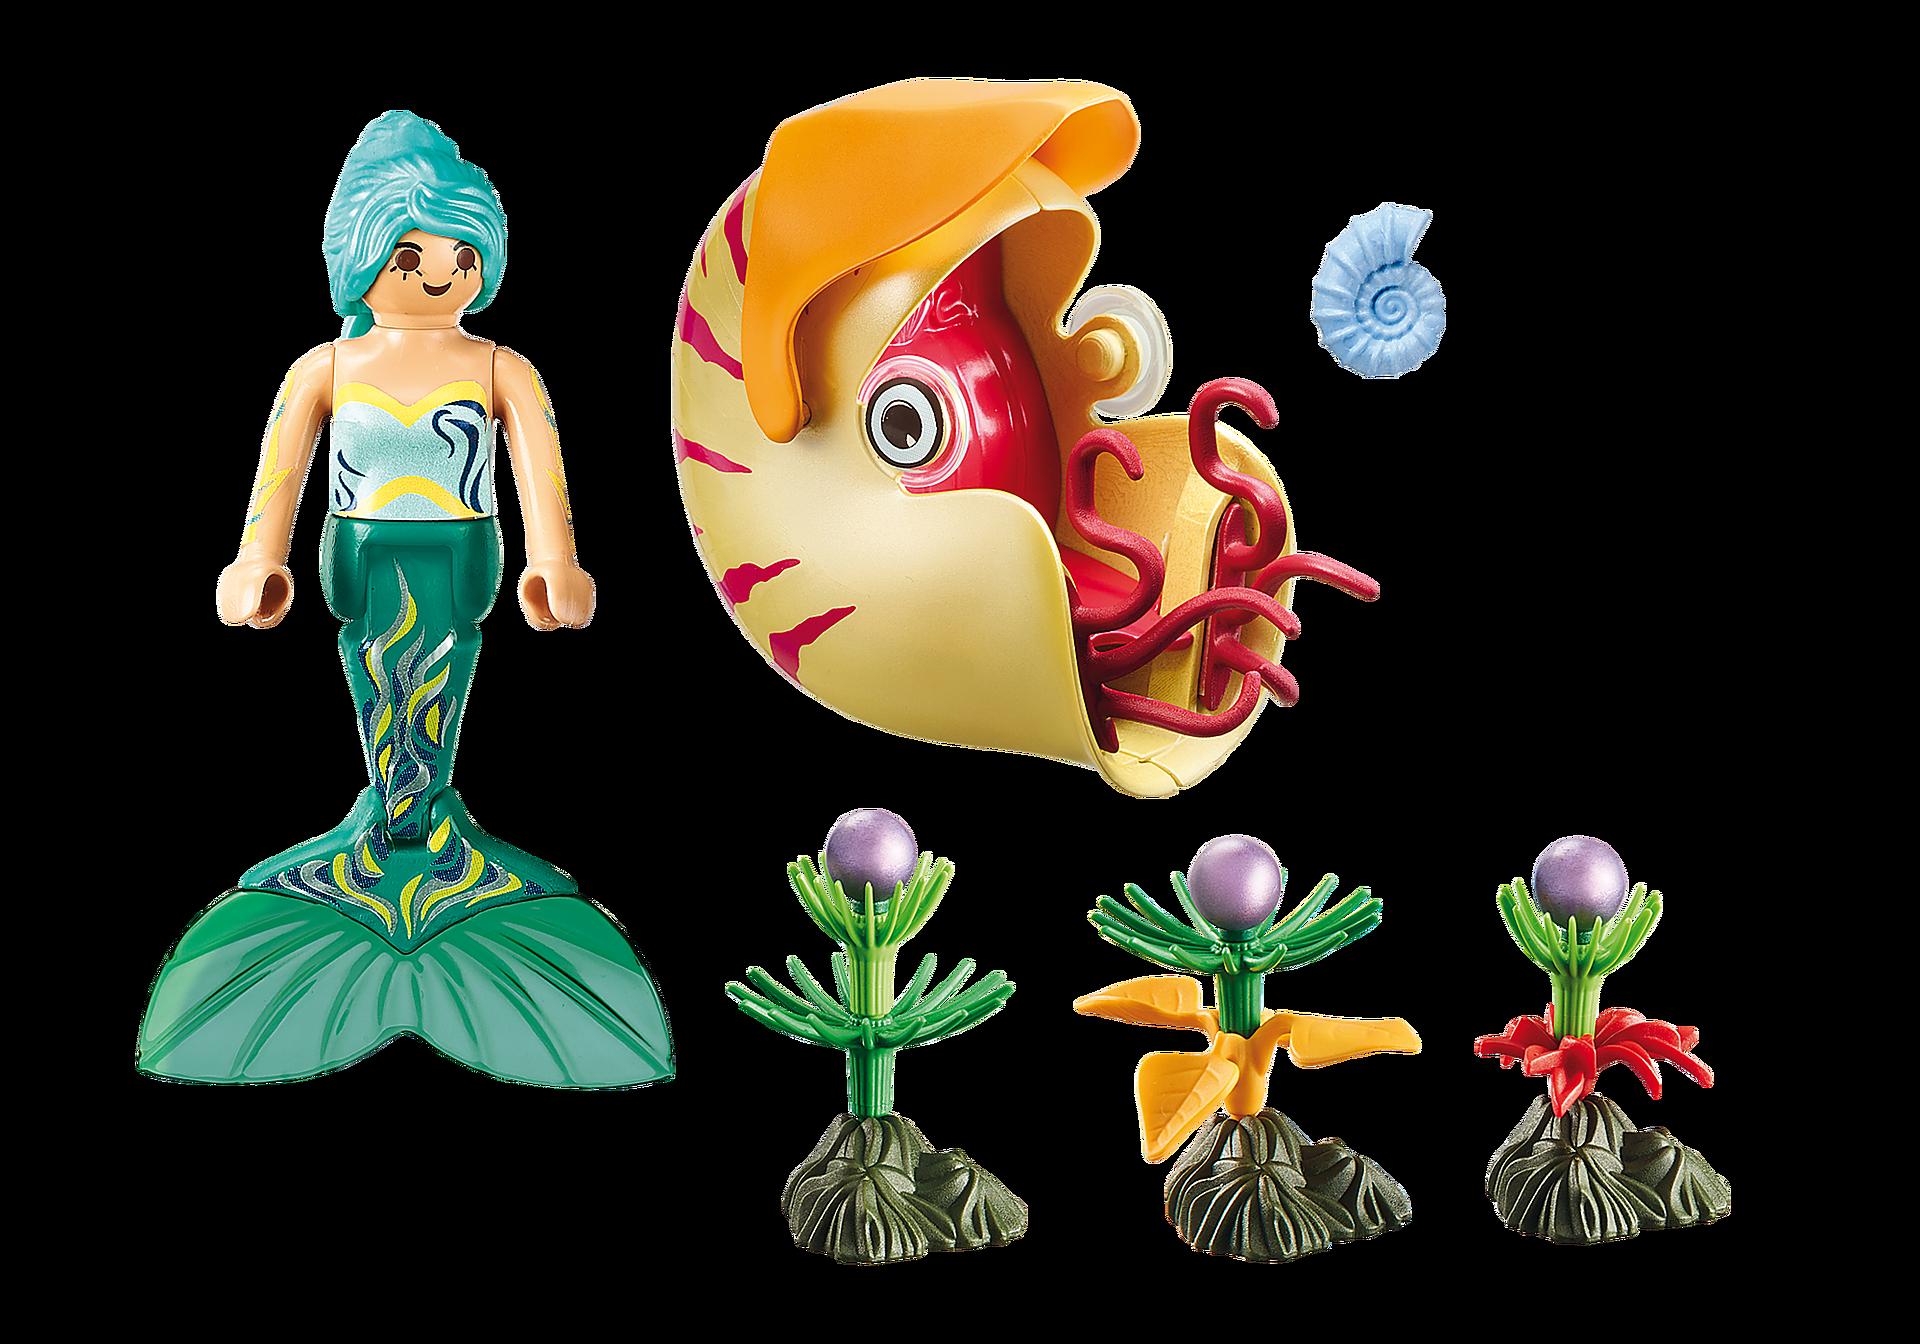 70098 Sirena con Caracol de Mar zoom image4